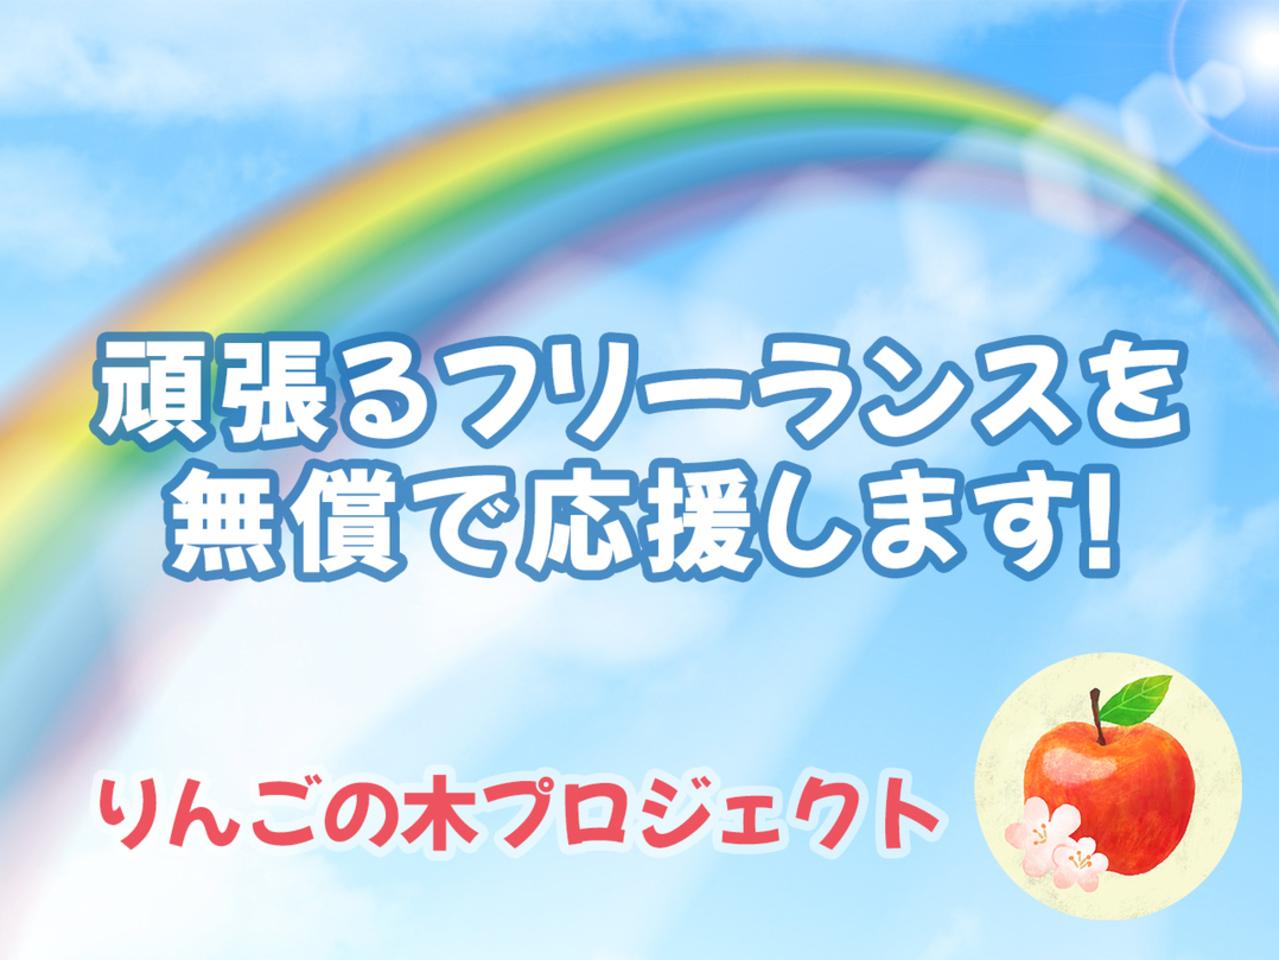 13104【りんごの木プロジェクト】 ~未来に希望の木を植えよう~